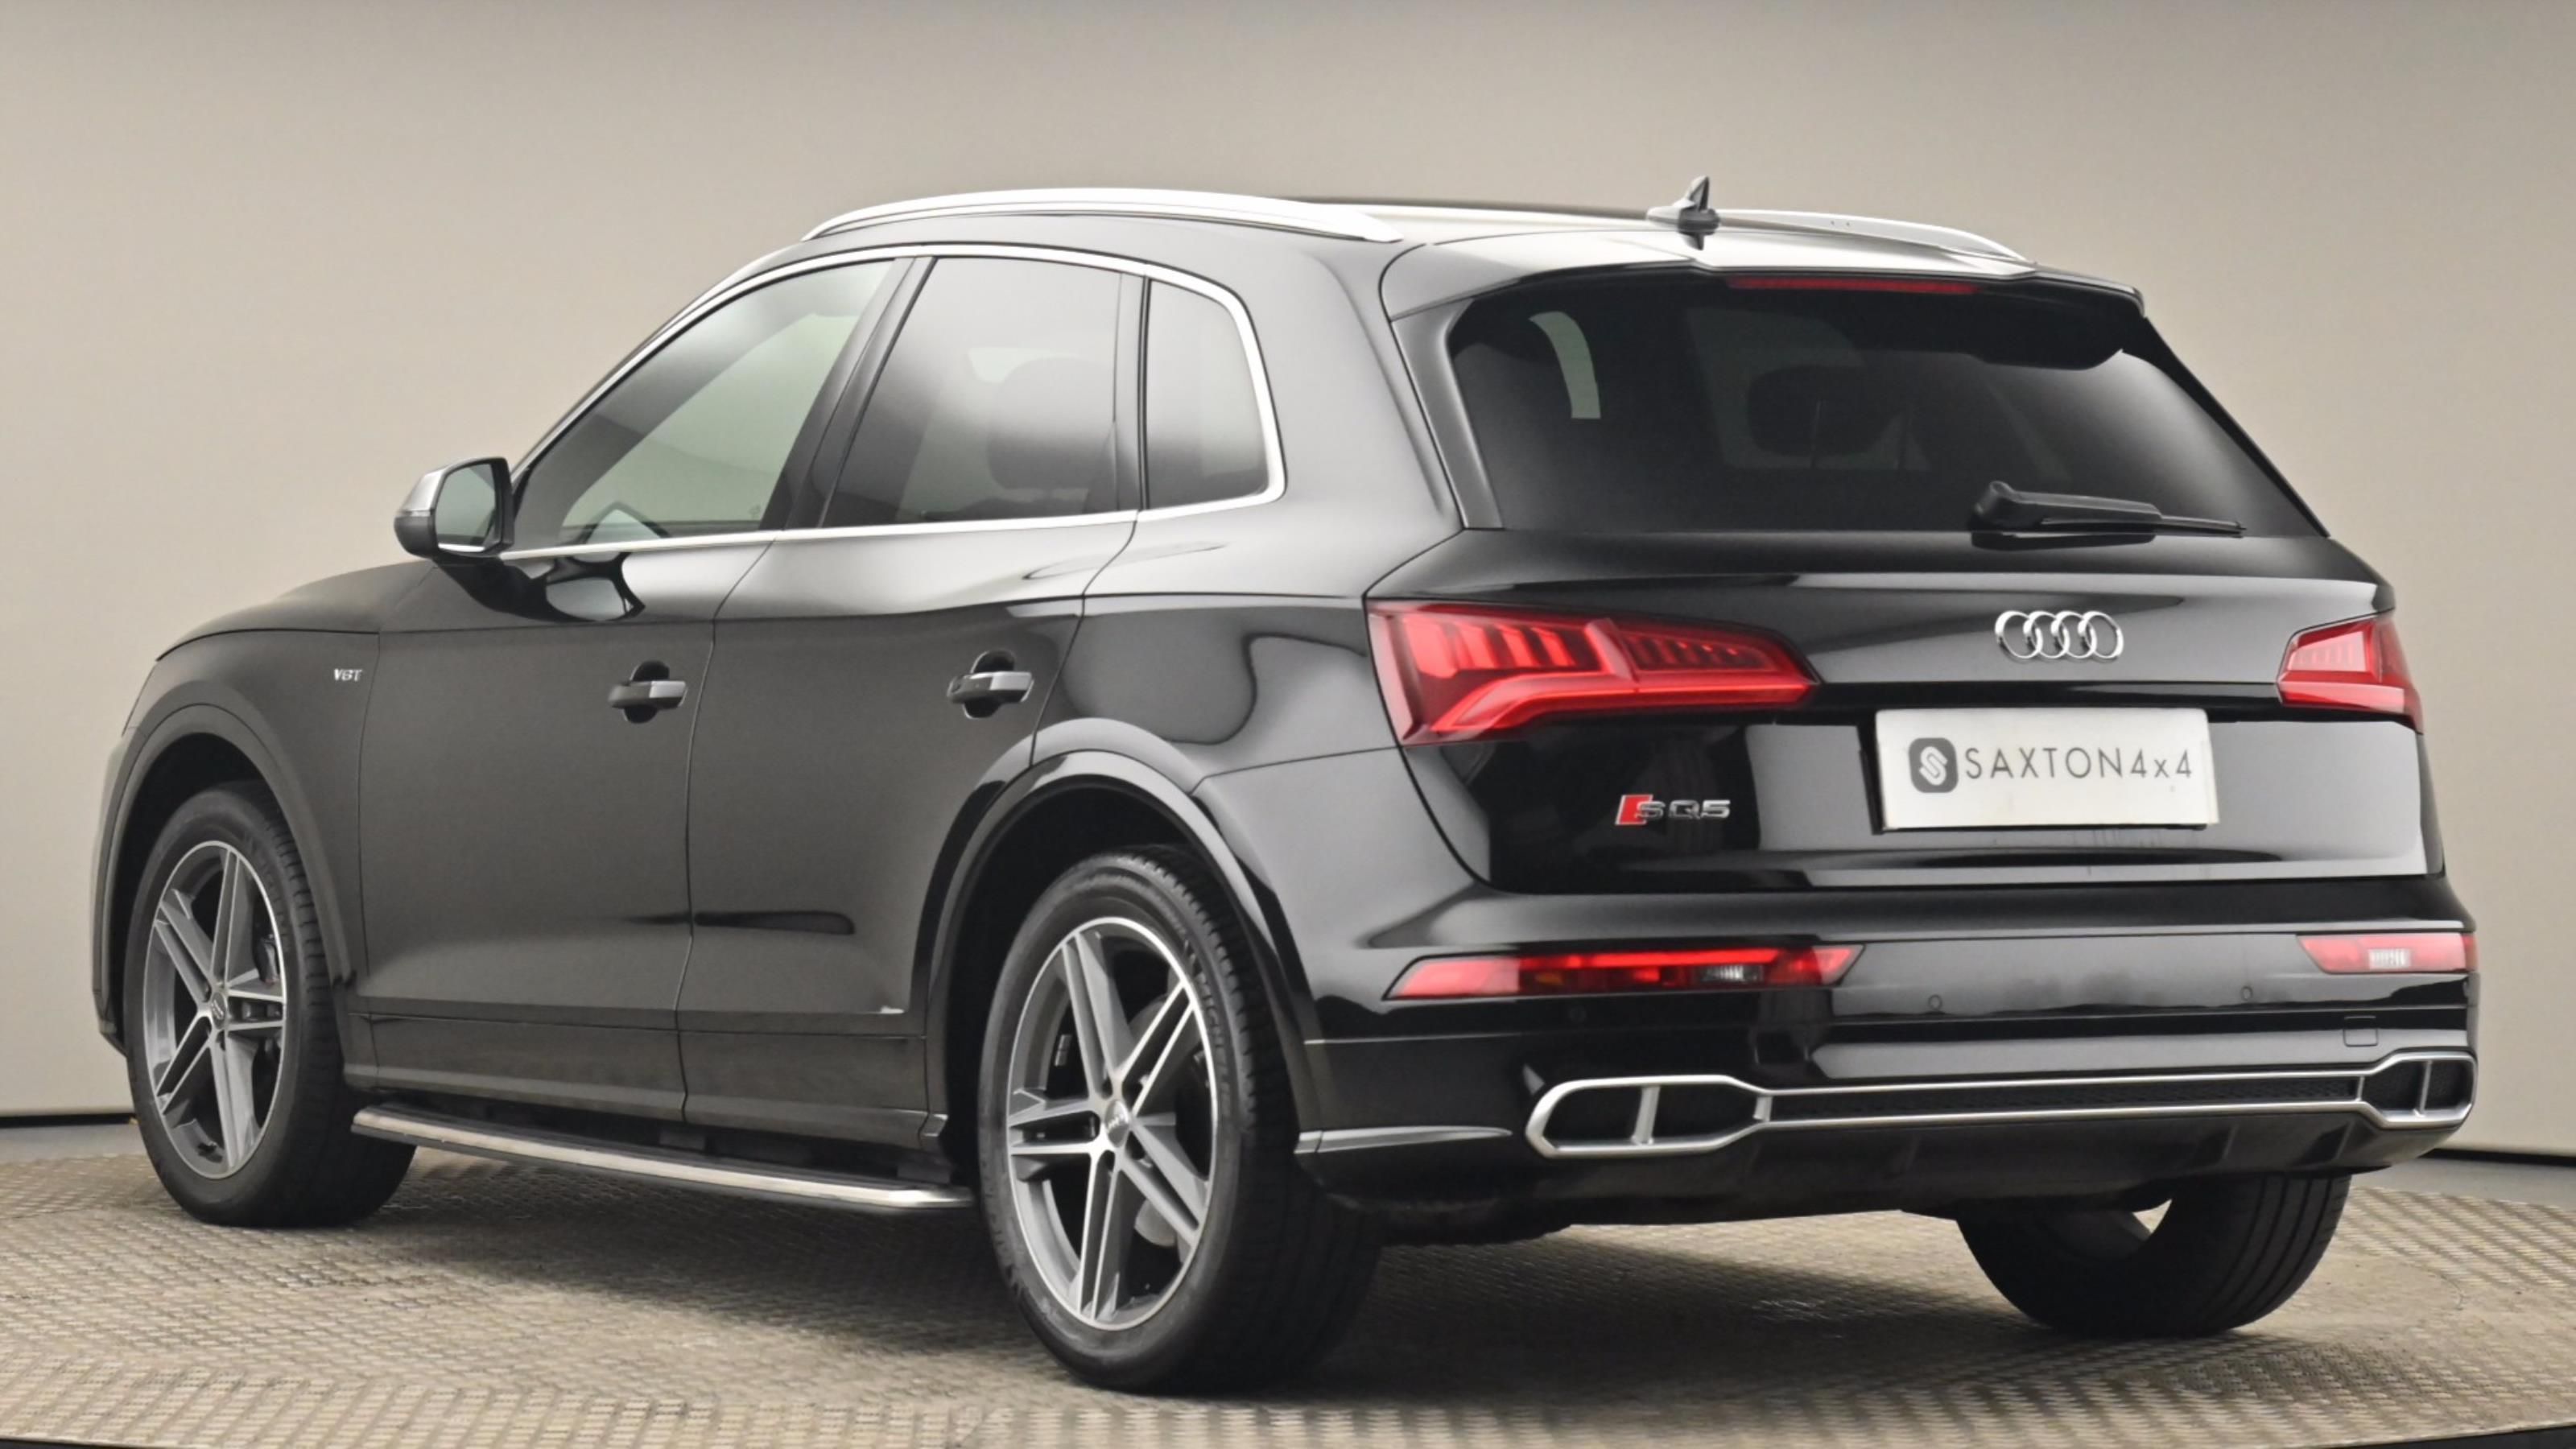 Used 2018 Audi Q5 SQ5 Quattro 5dr Tip Auto BLACK at Saxton4x4